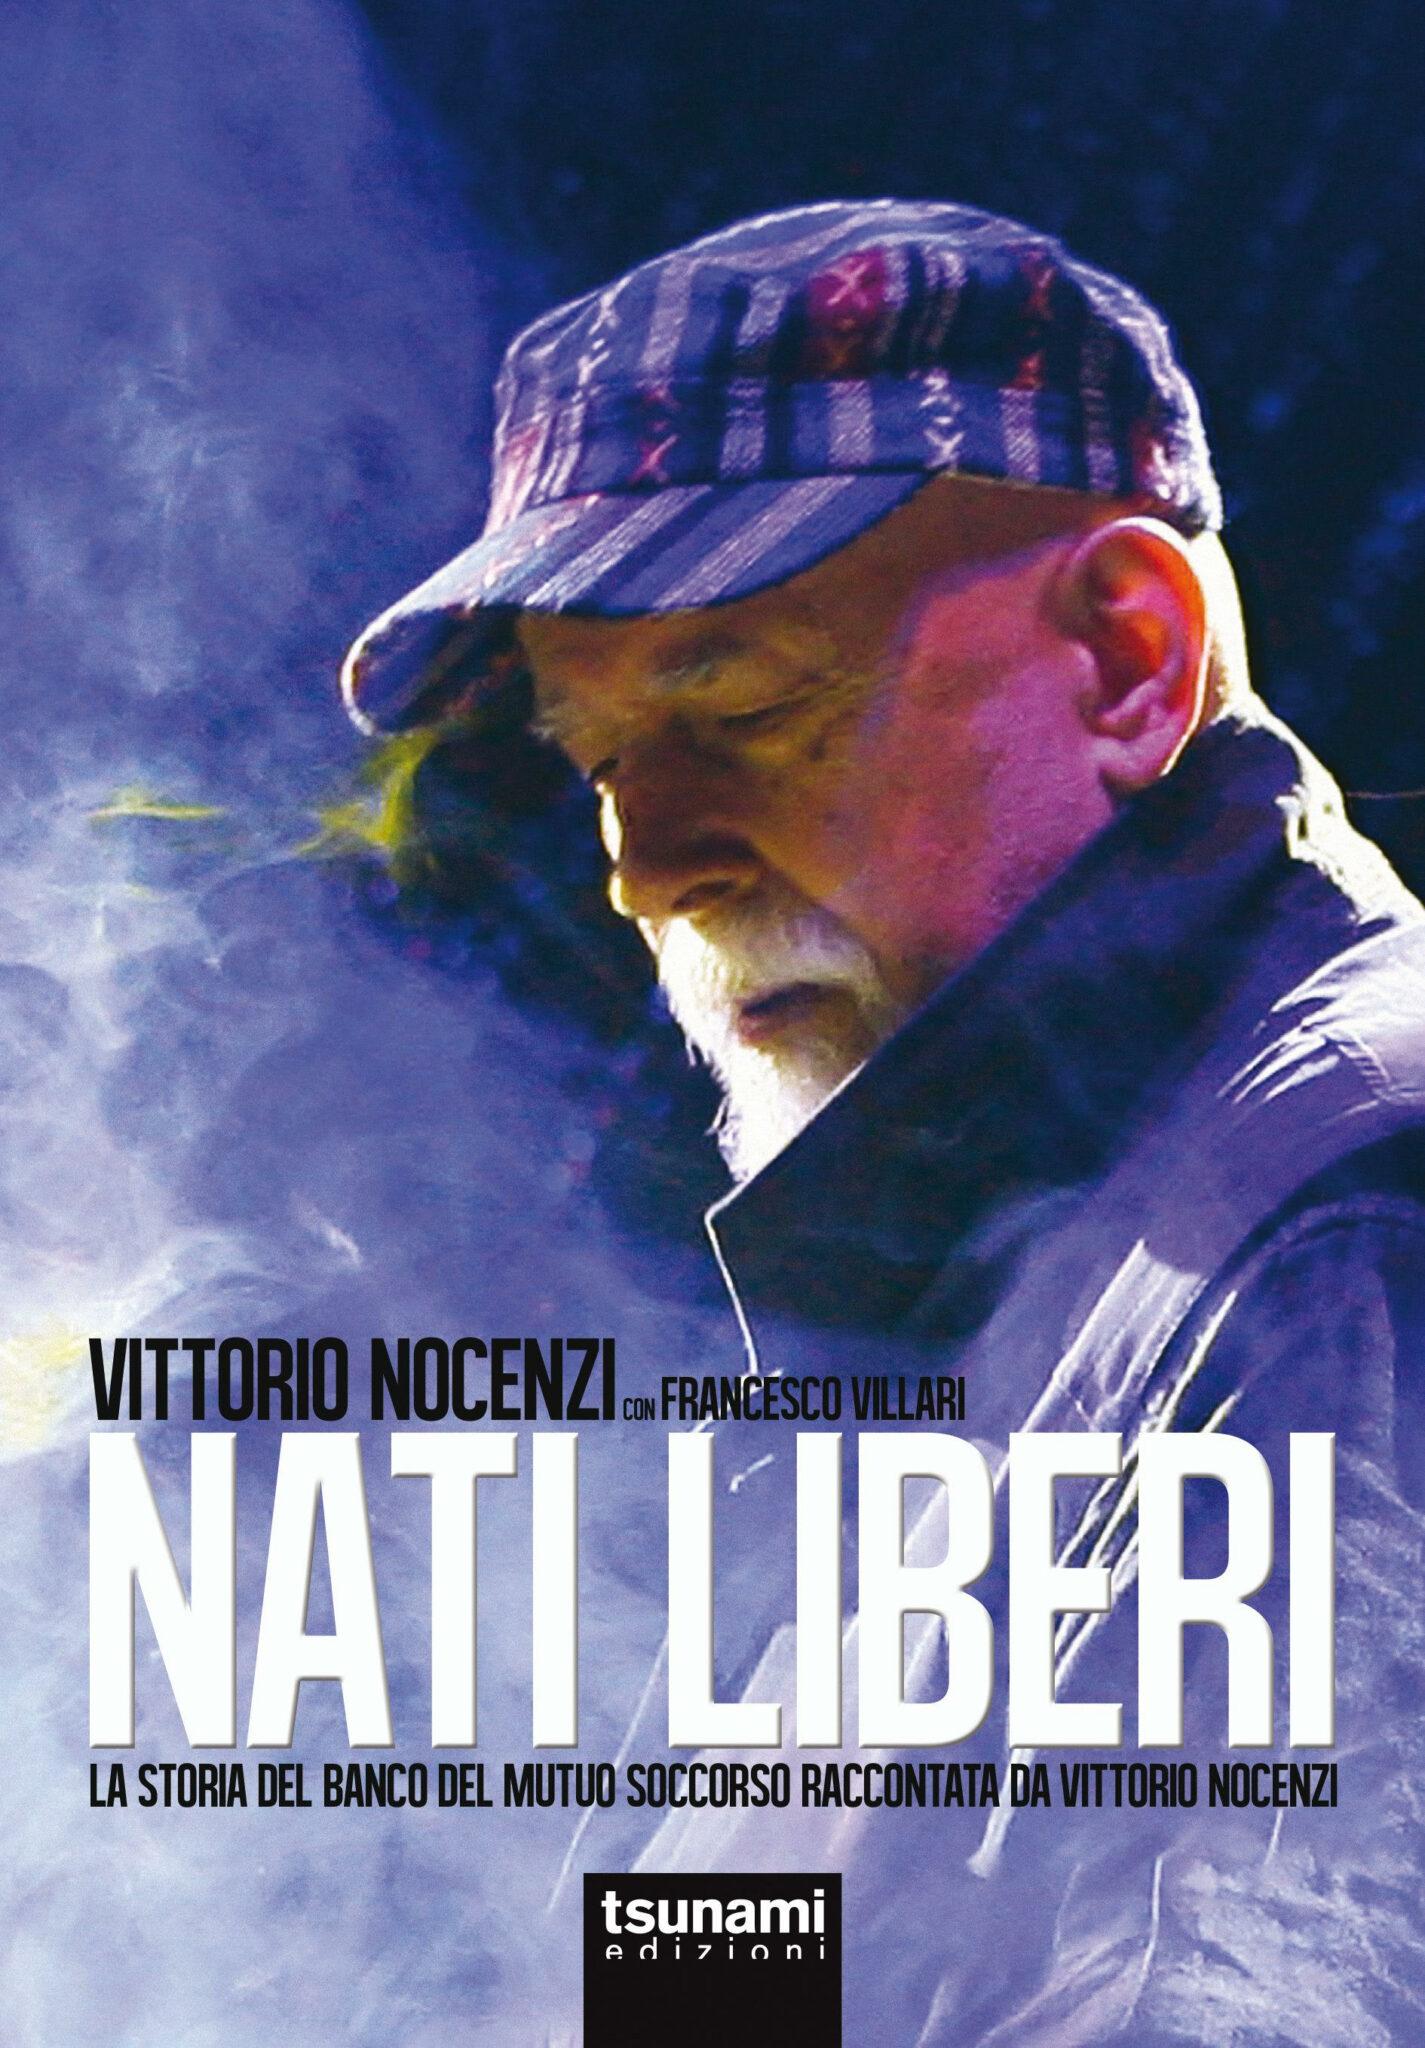 Banco del Mutuo Soccorso: la sua storia raccontata da Vittorio Nocenzi in un libro – COMPRA